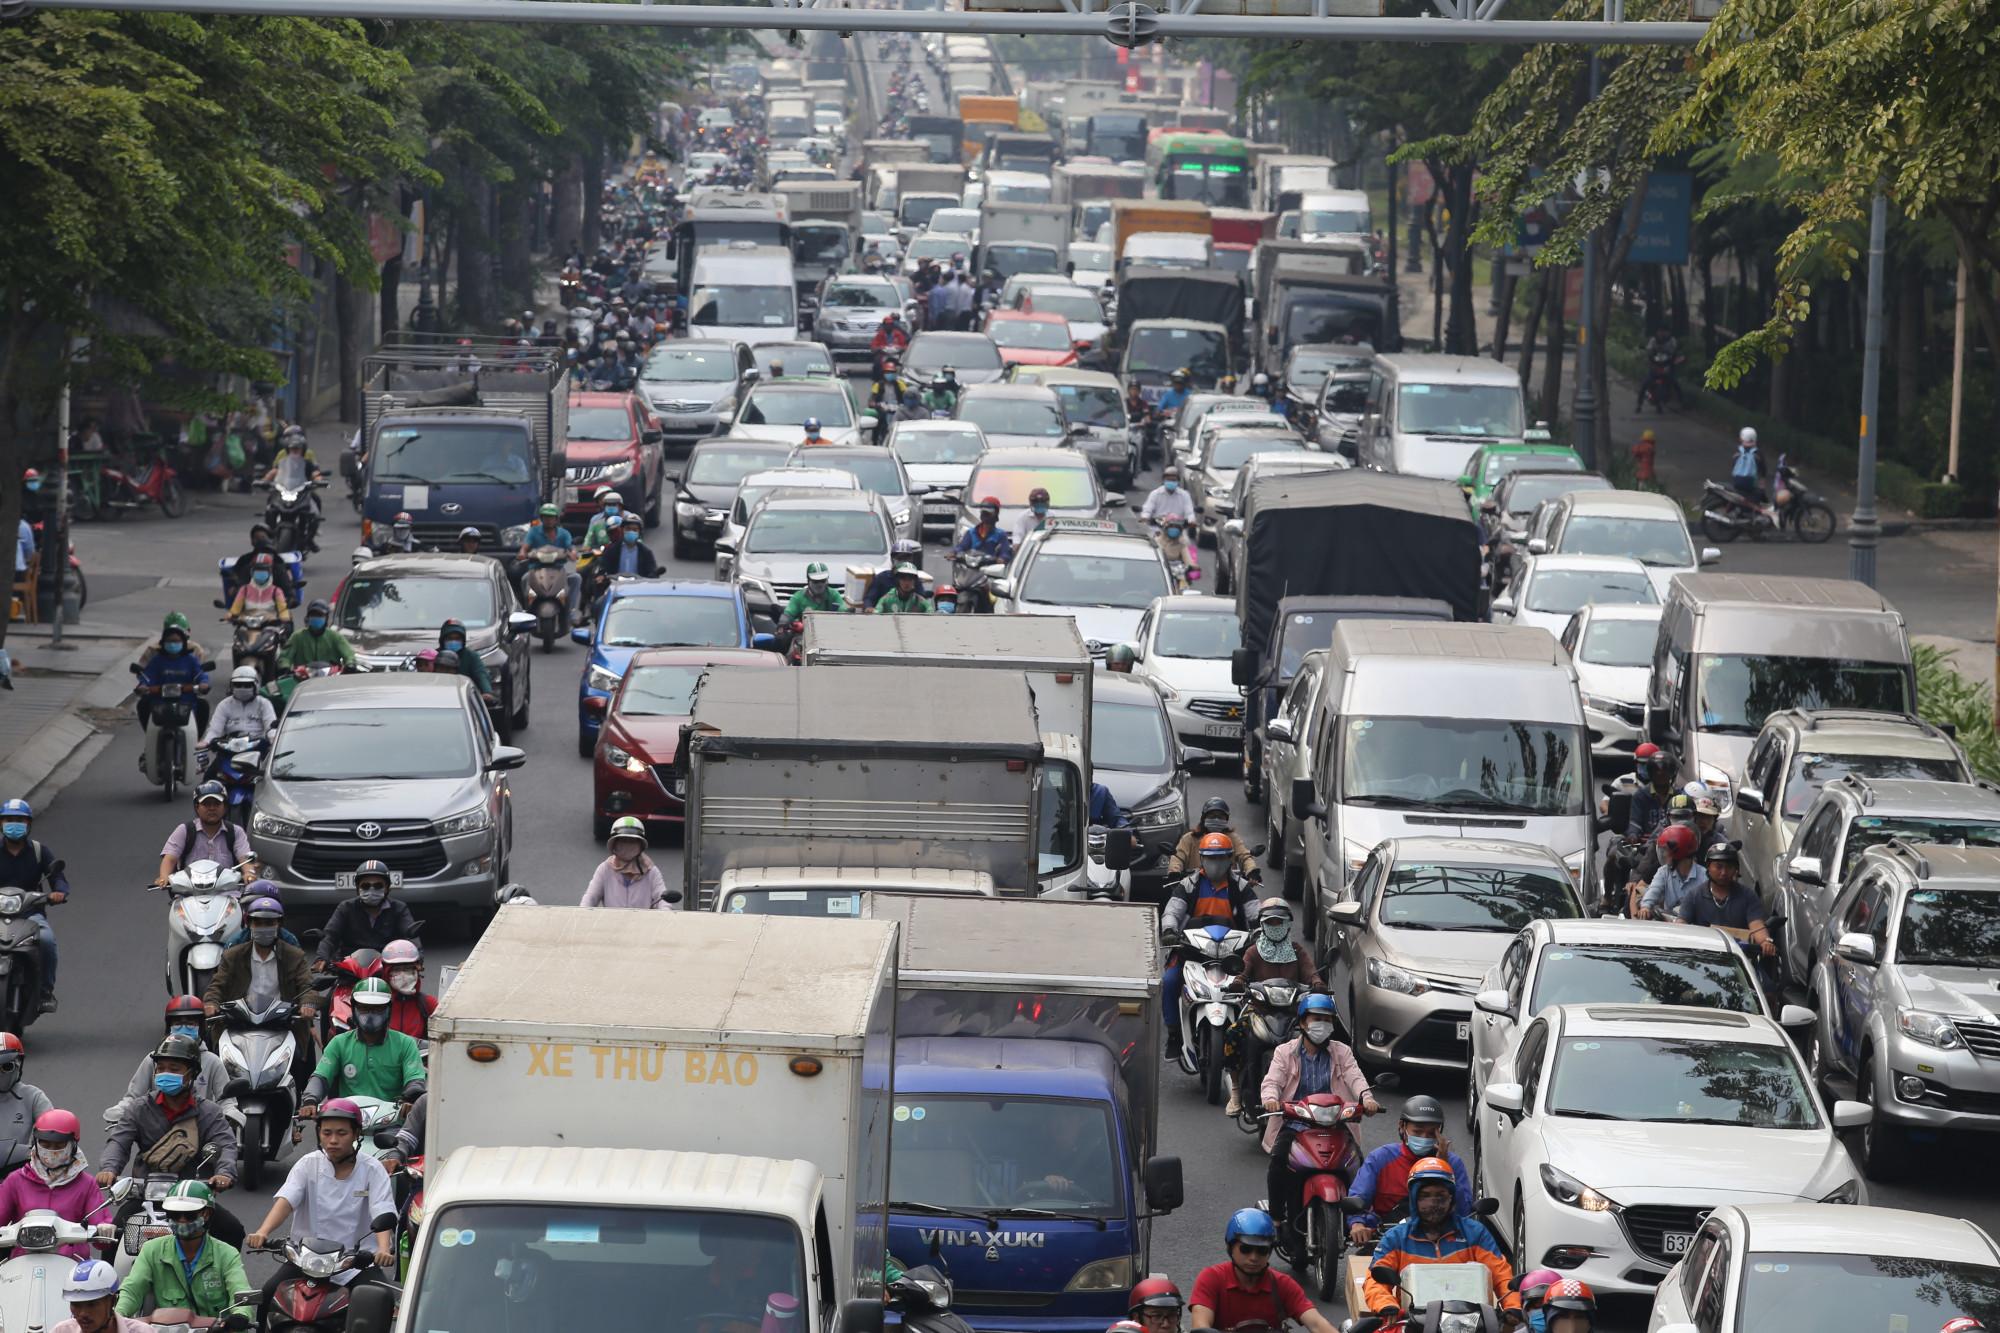 Các tuyến đường cửa ngõ sân bay Tân Sơn Nhất liên tục xảy ra ùn tắc